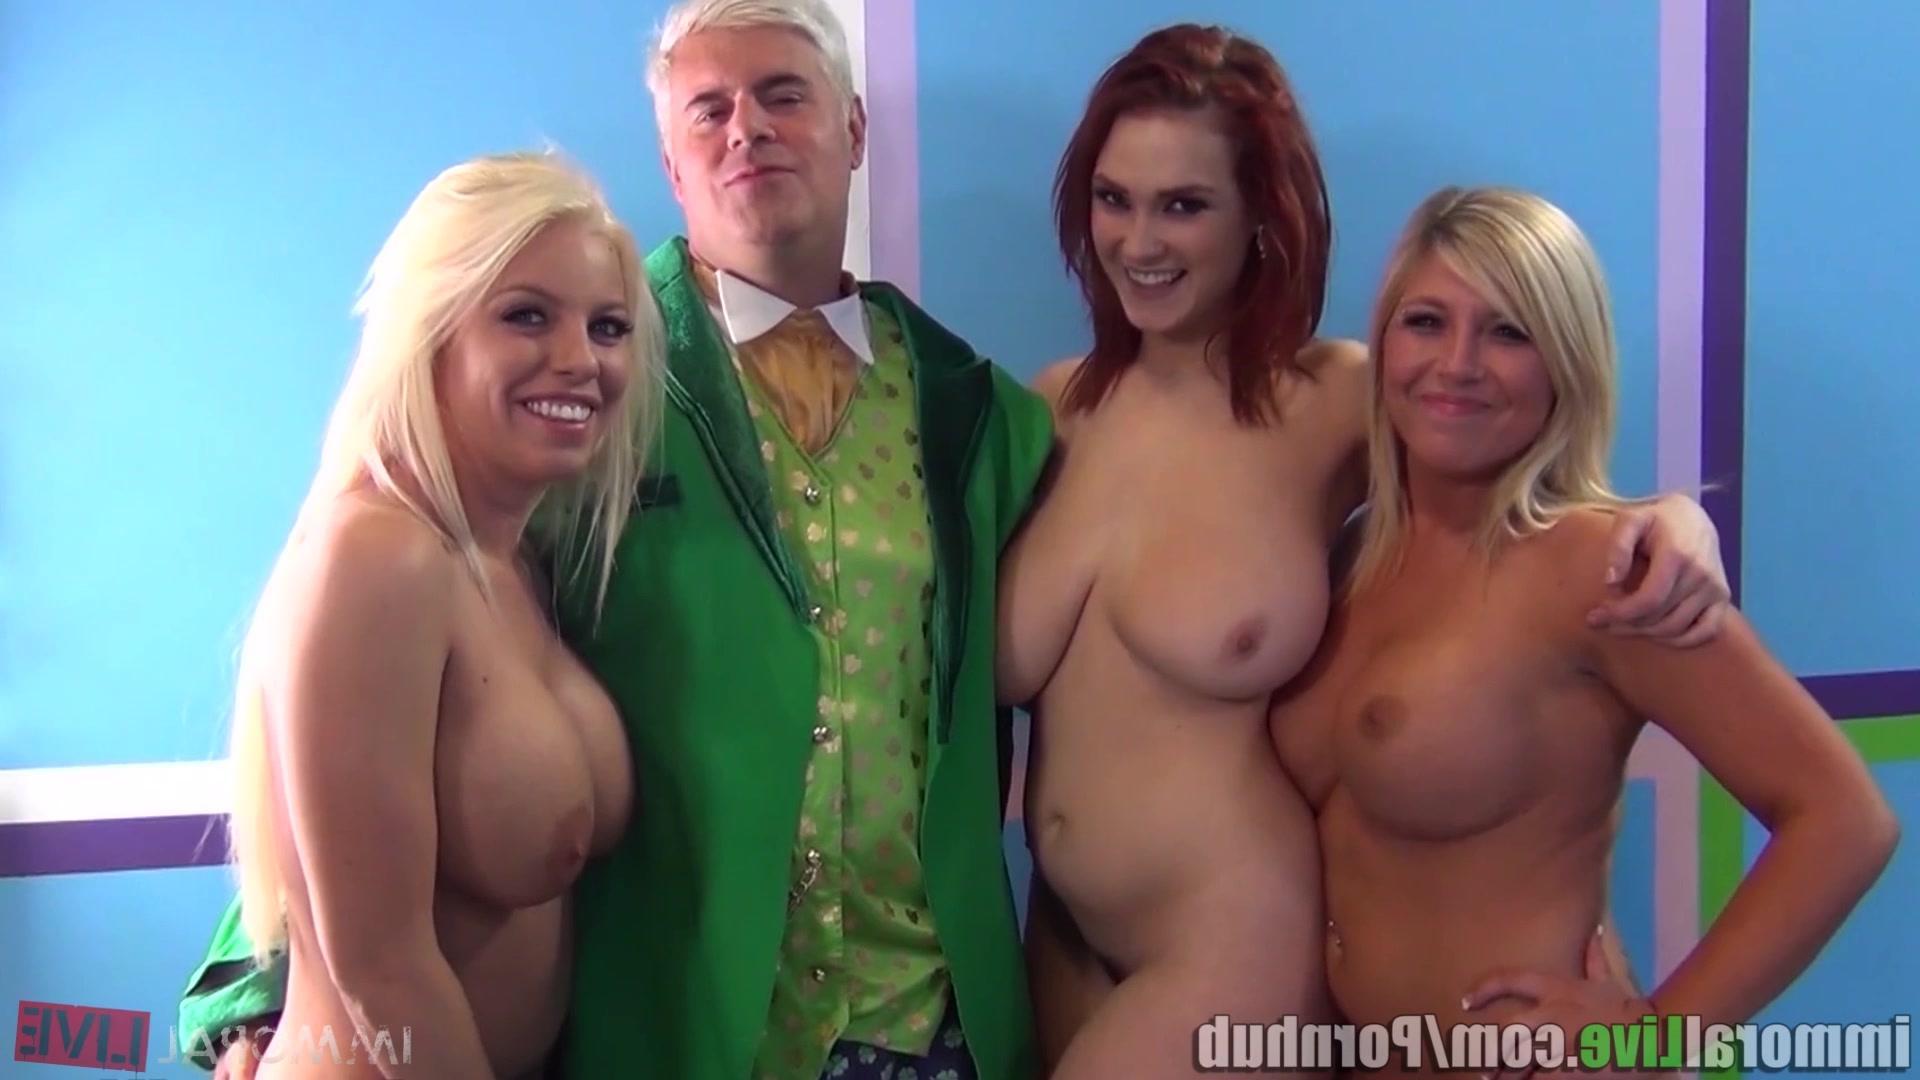 самый массовой порноролик в мире